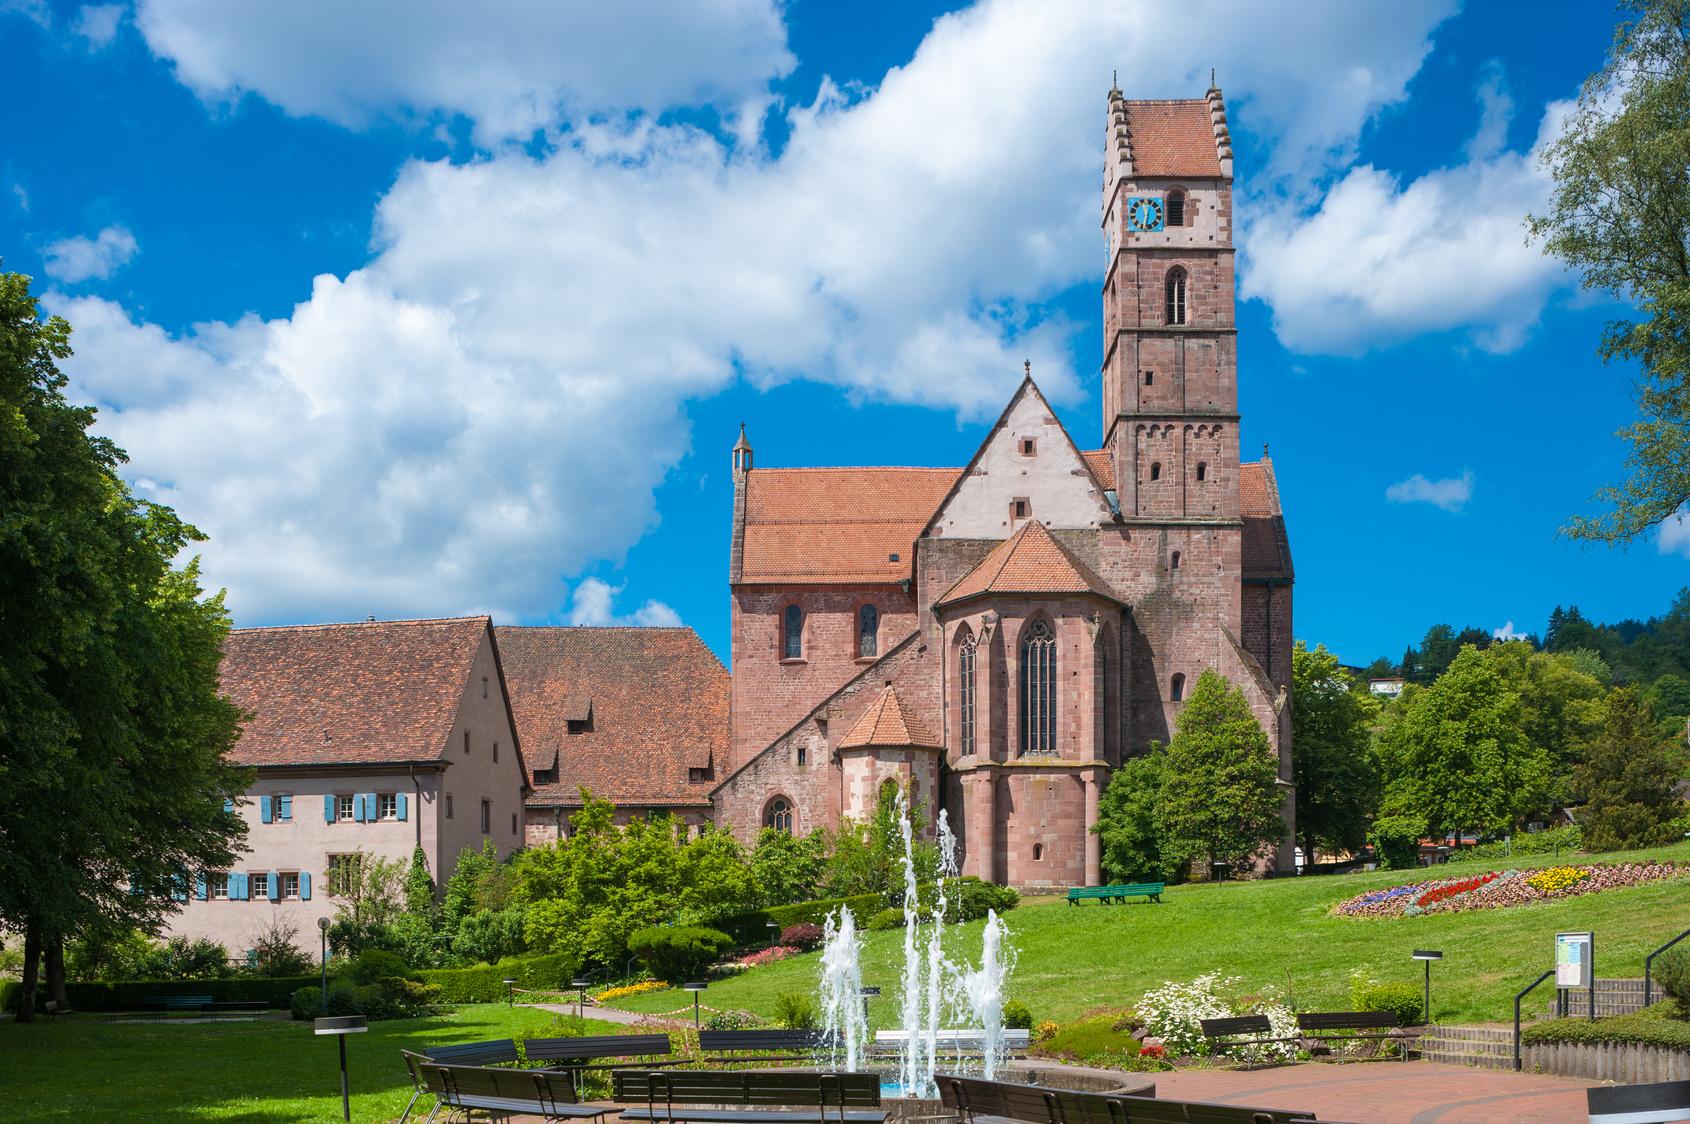 Die Klosterkirche in Alpirsbach: Nicht nur für Kulturliebhaber sehenswert. (#03)